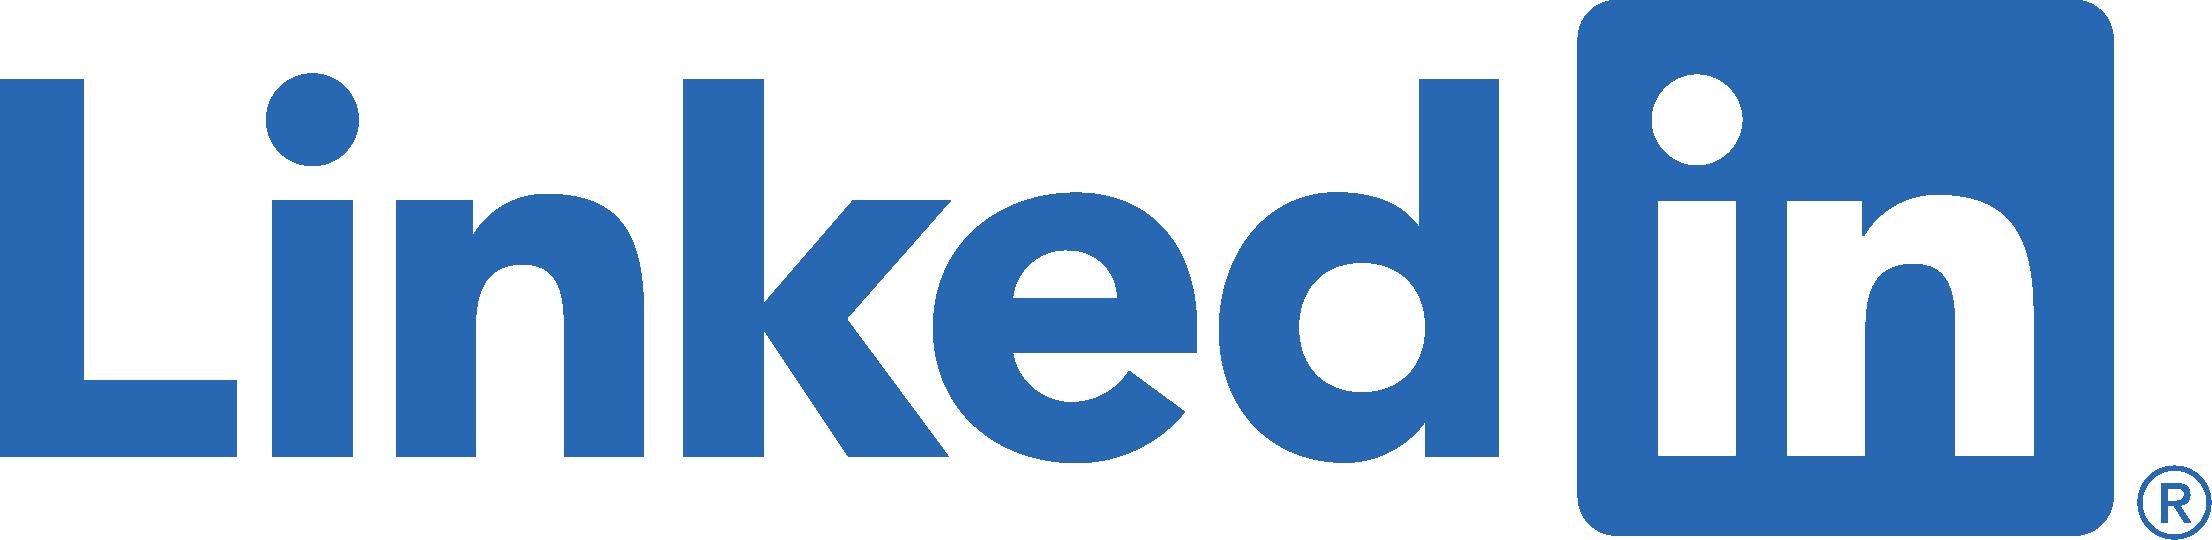 LinkedIn Logo - Oakland Residential